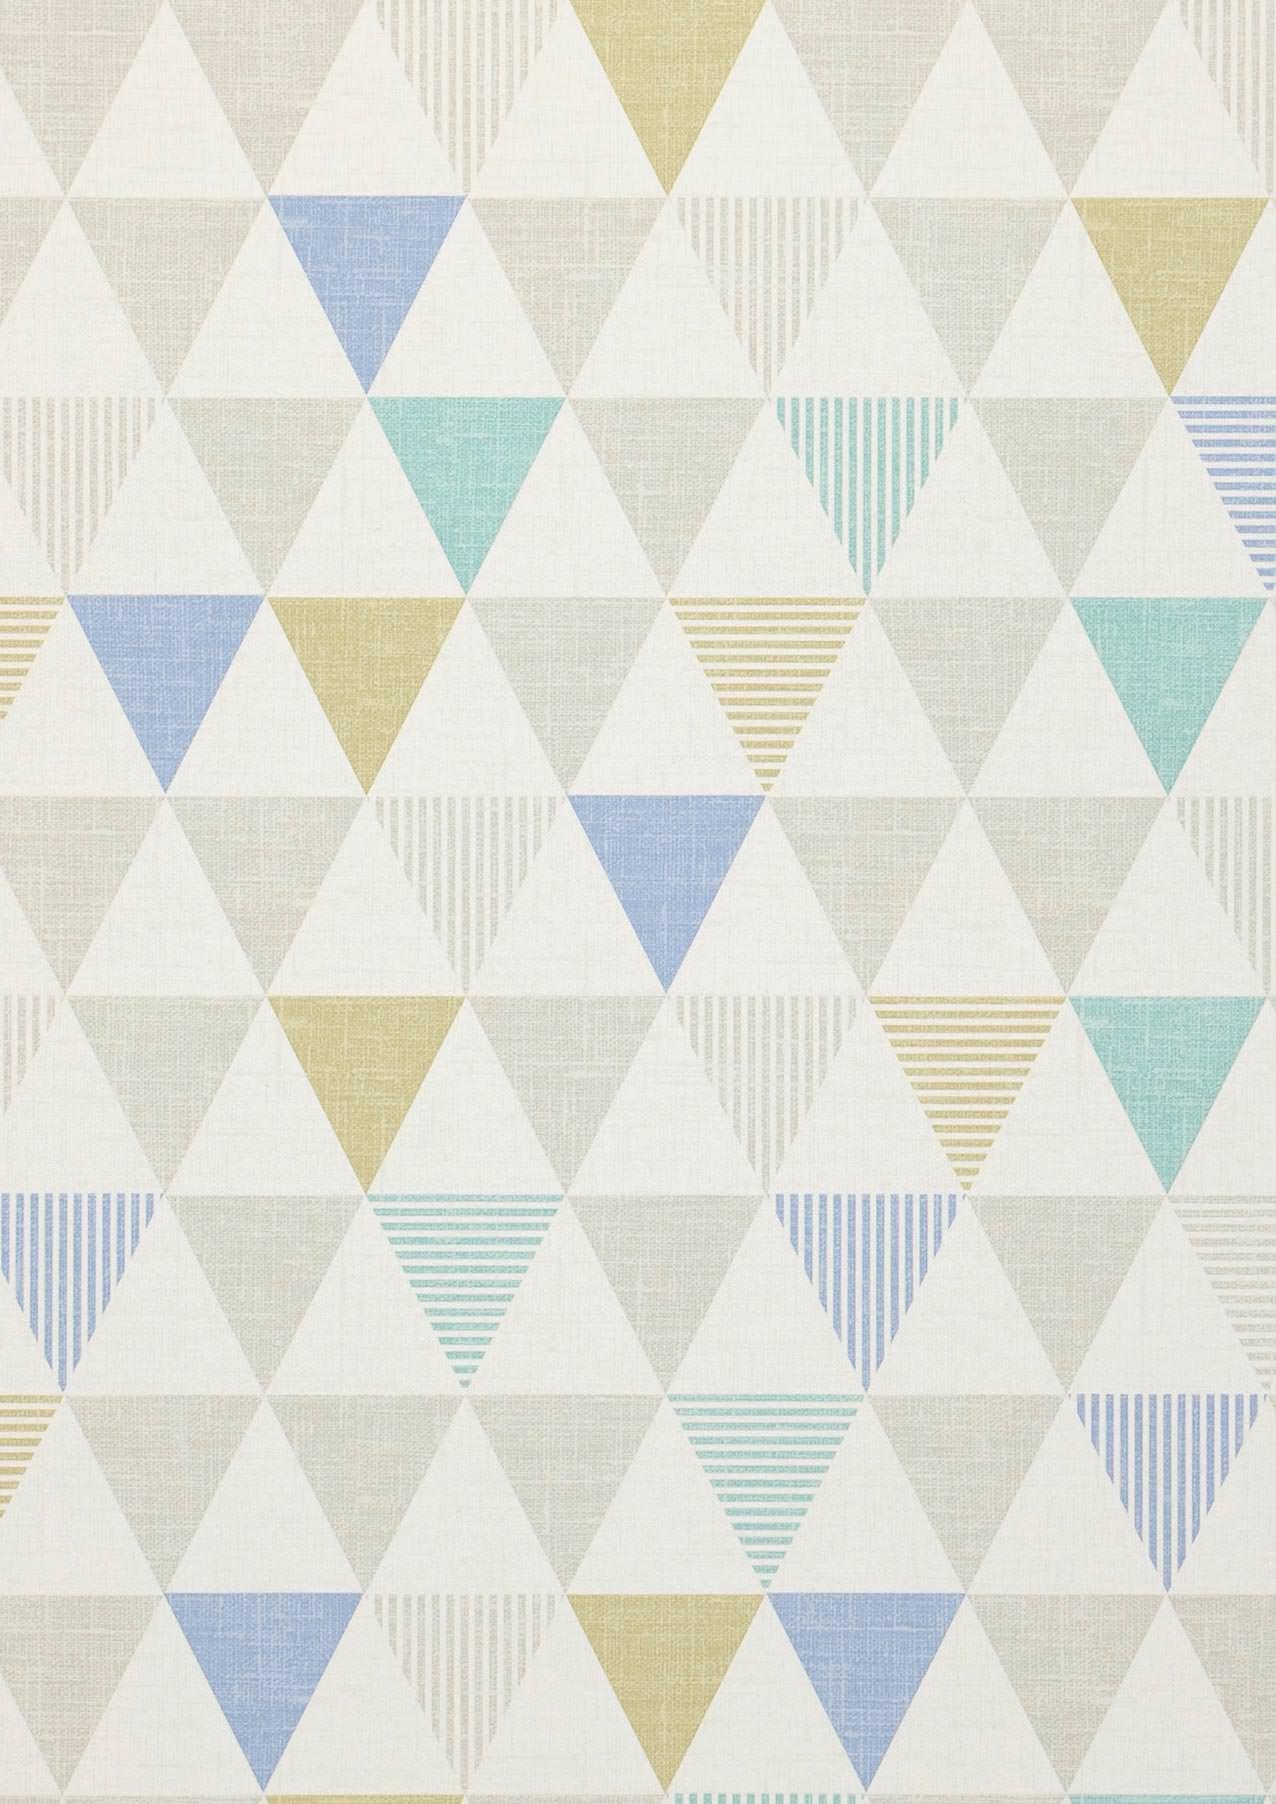 Tapete zenem grauweiss blau gr ngelb schimmer t rkis for Tapete nach hause